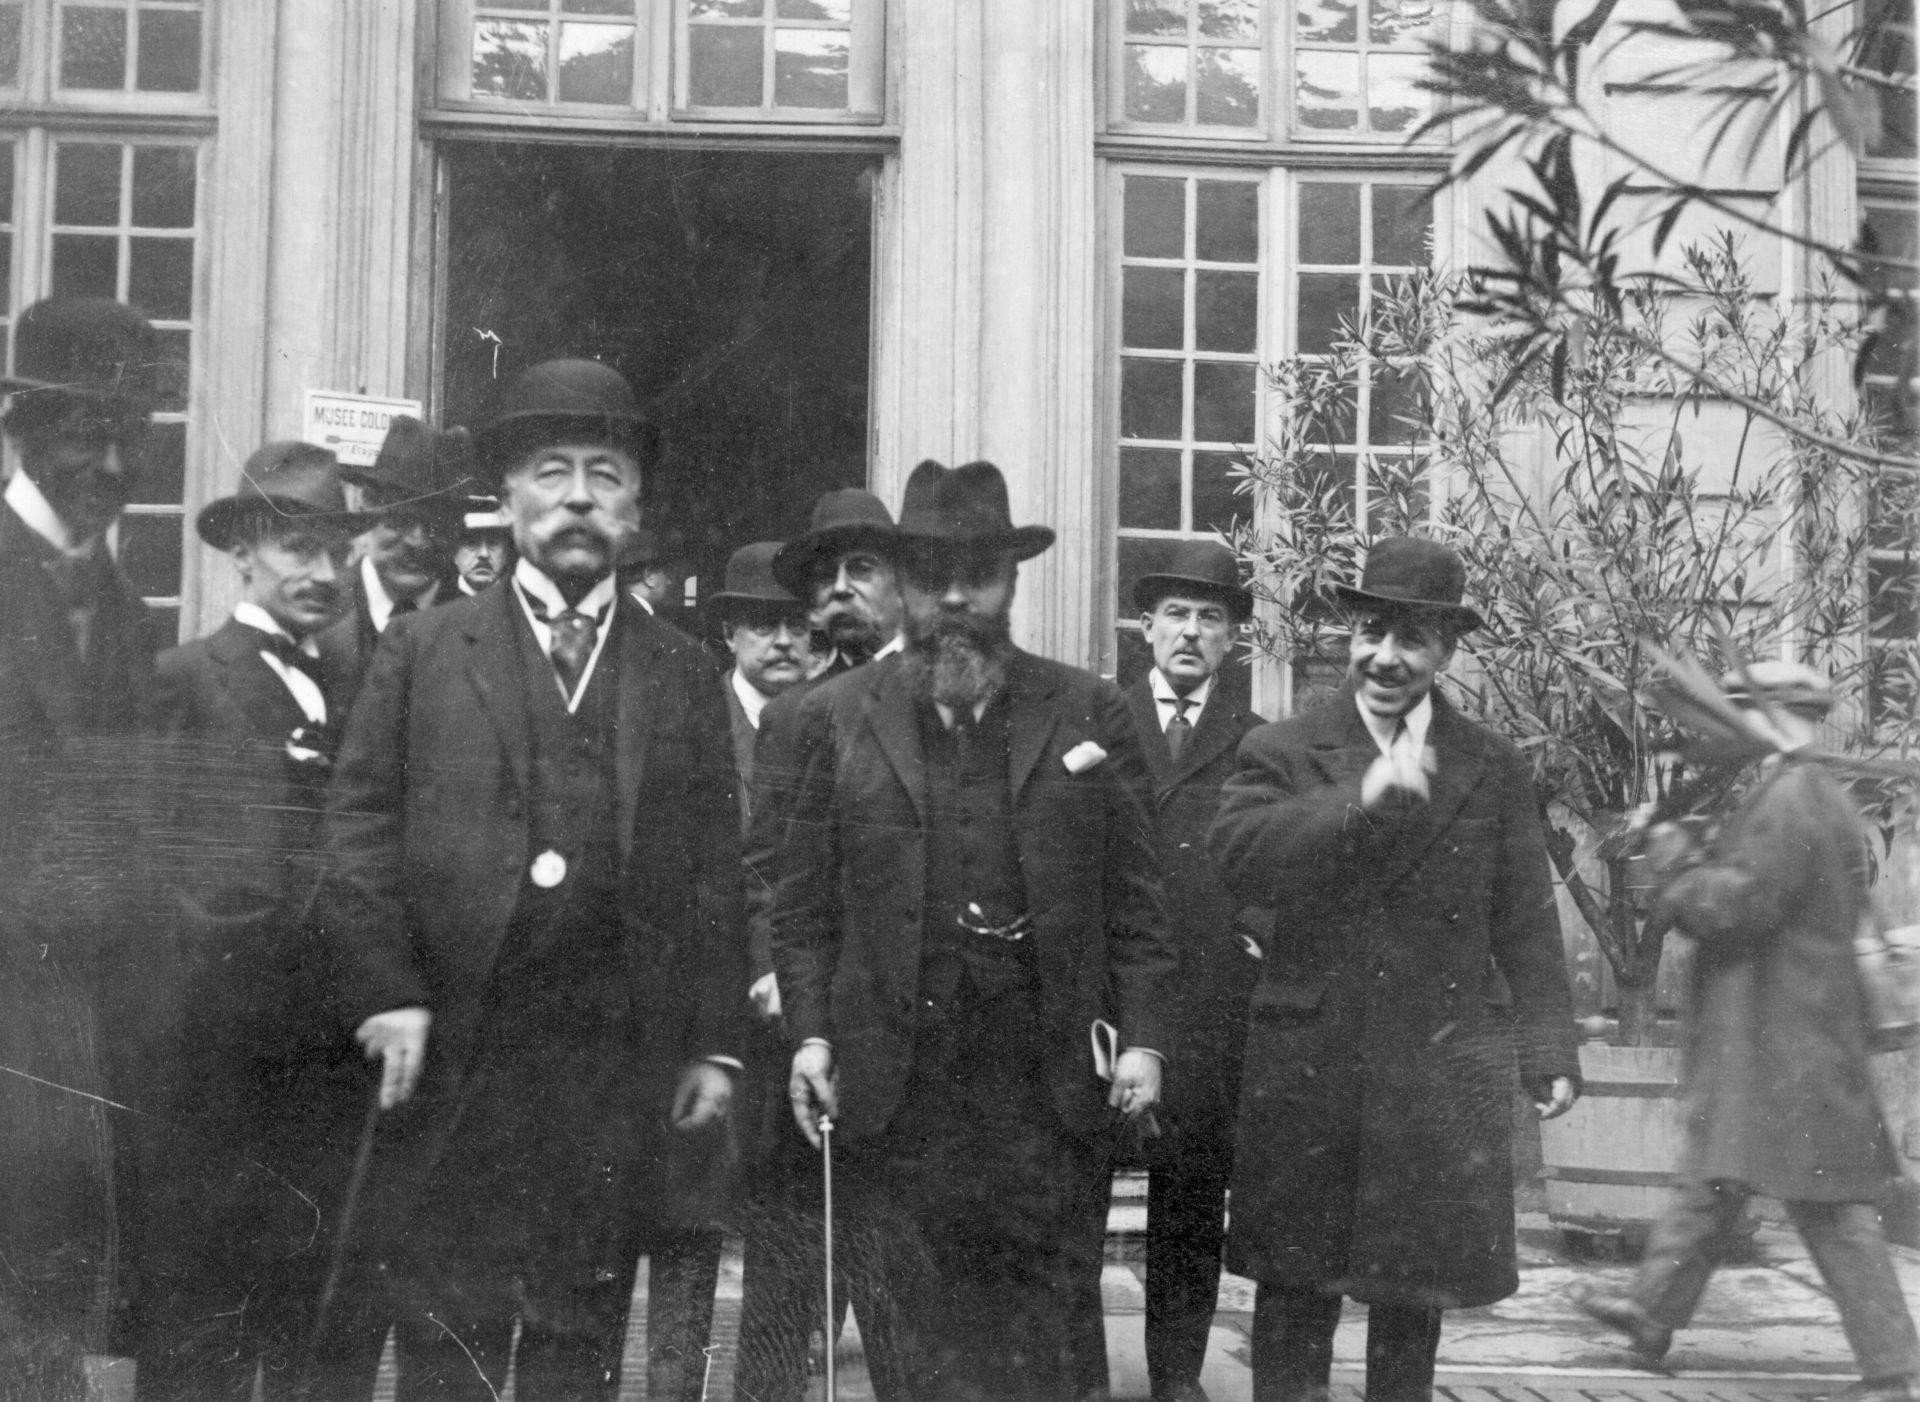 Lyon, le 20 Octobre 1925 - Alexandre Varenne, gouverneur général de l'Indochine quitte le musée colonial de Lyon - Cliché Le Ngoc Thien